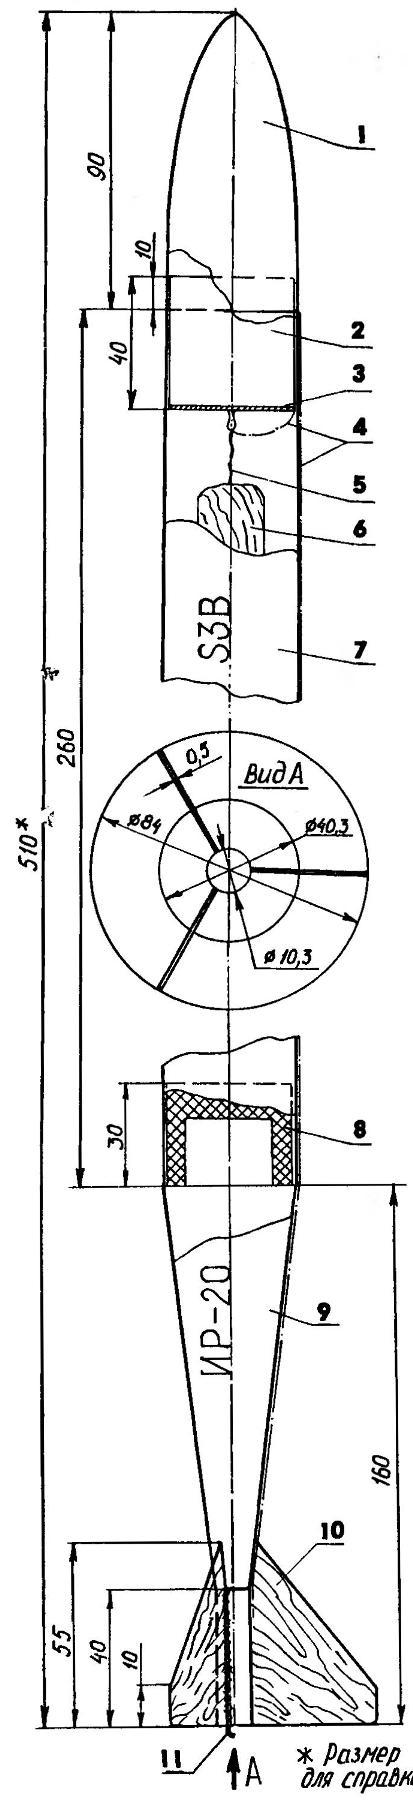 Модель ракеты класса S3B чемпиона России 2002 г. И.Репина (г.Урай)